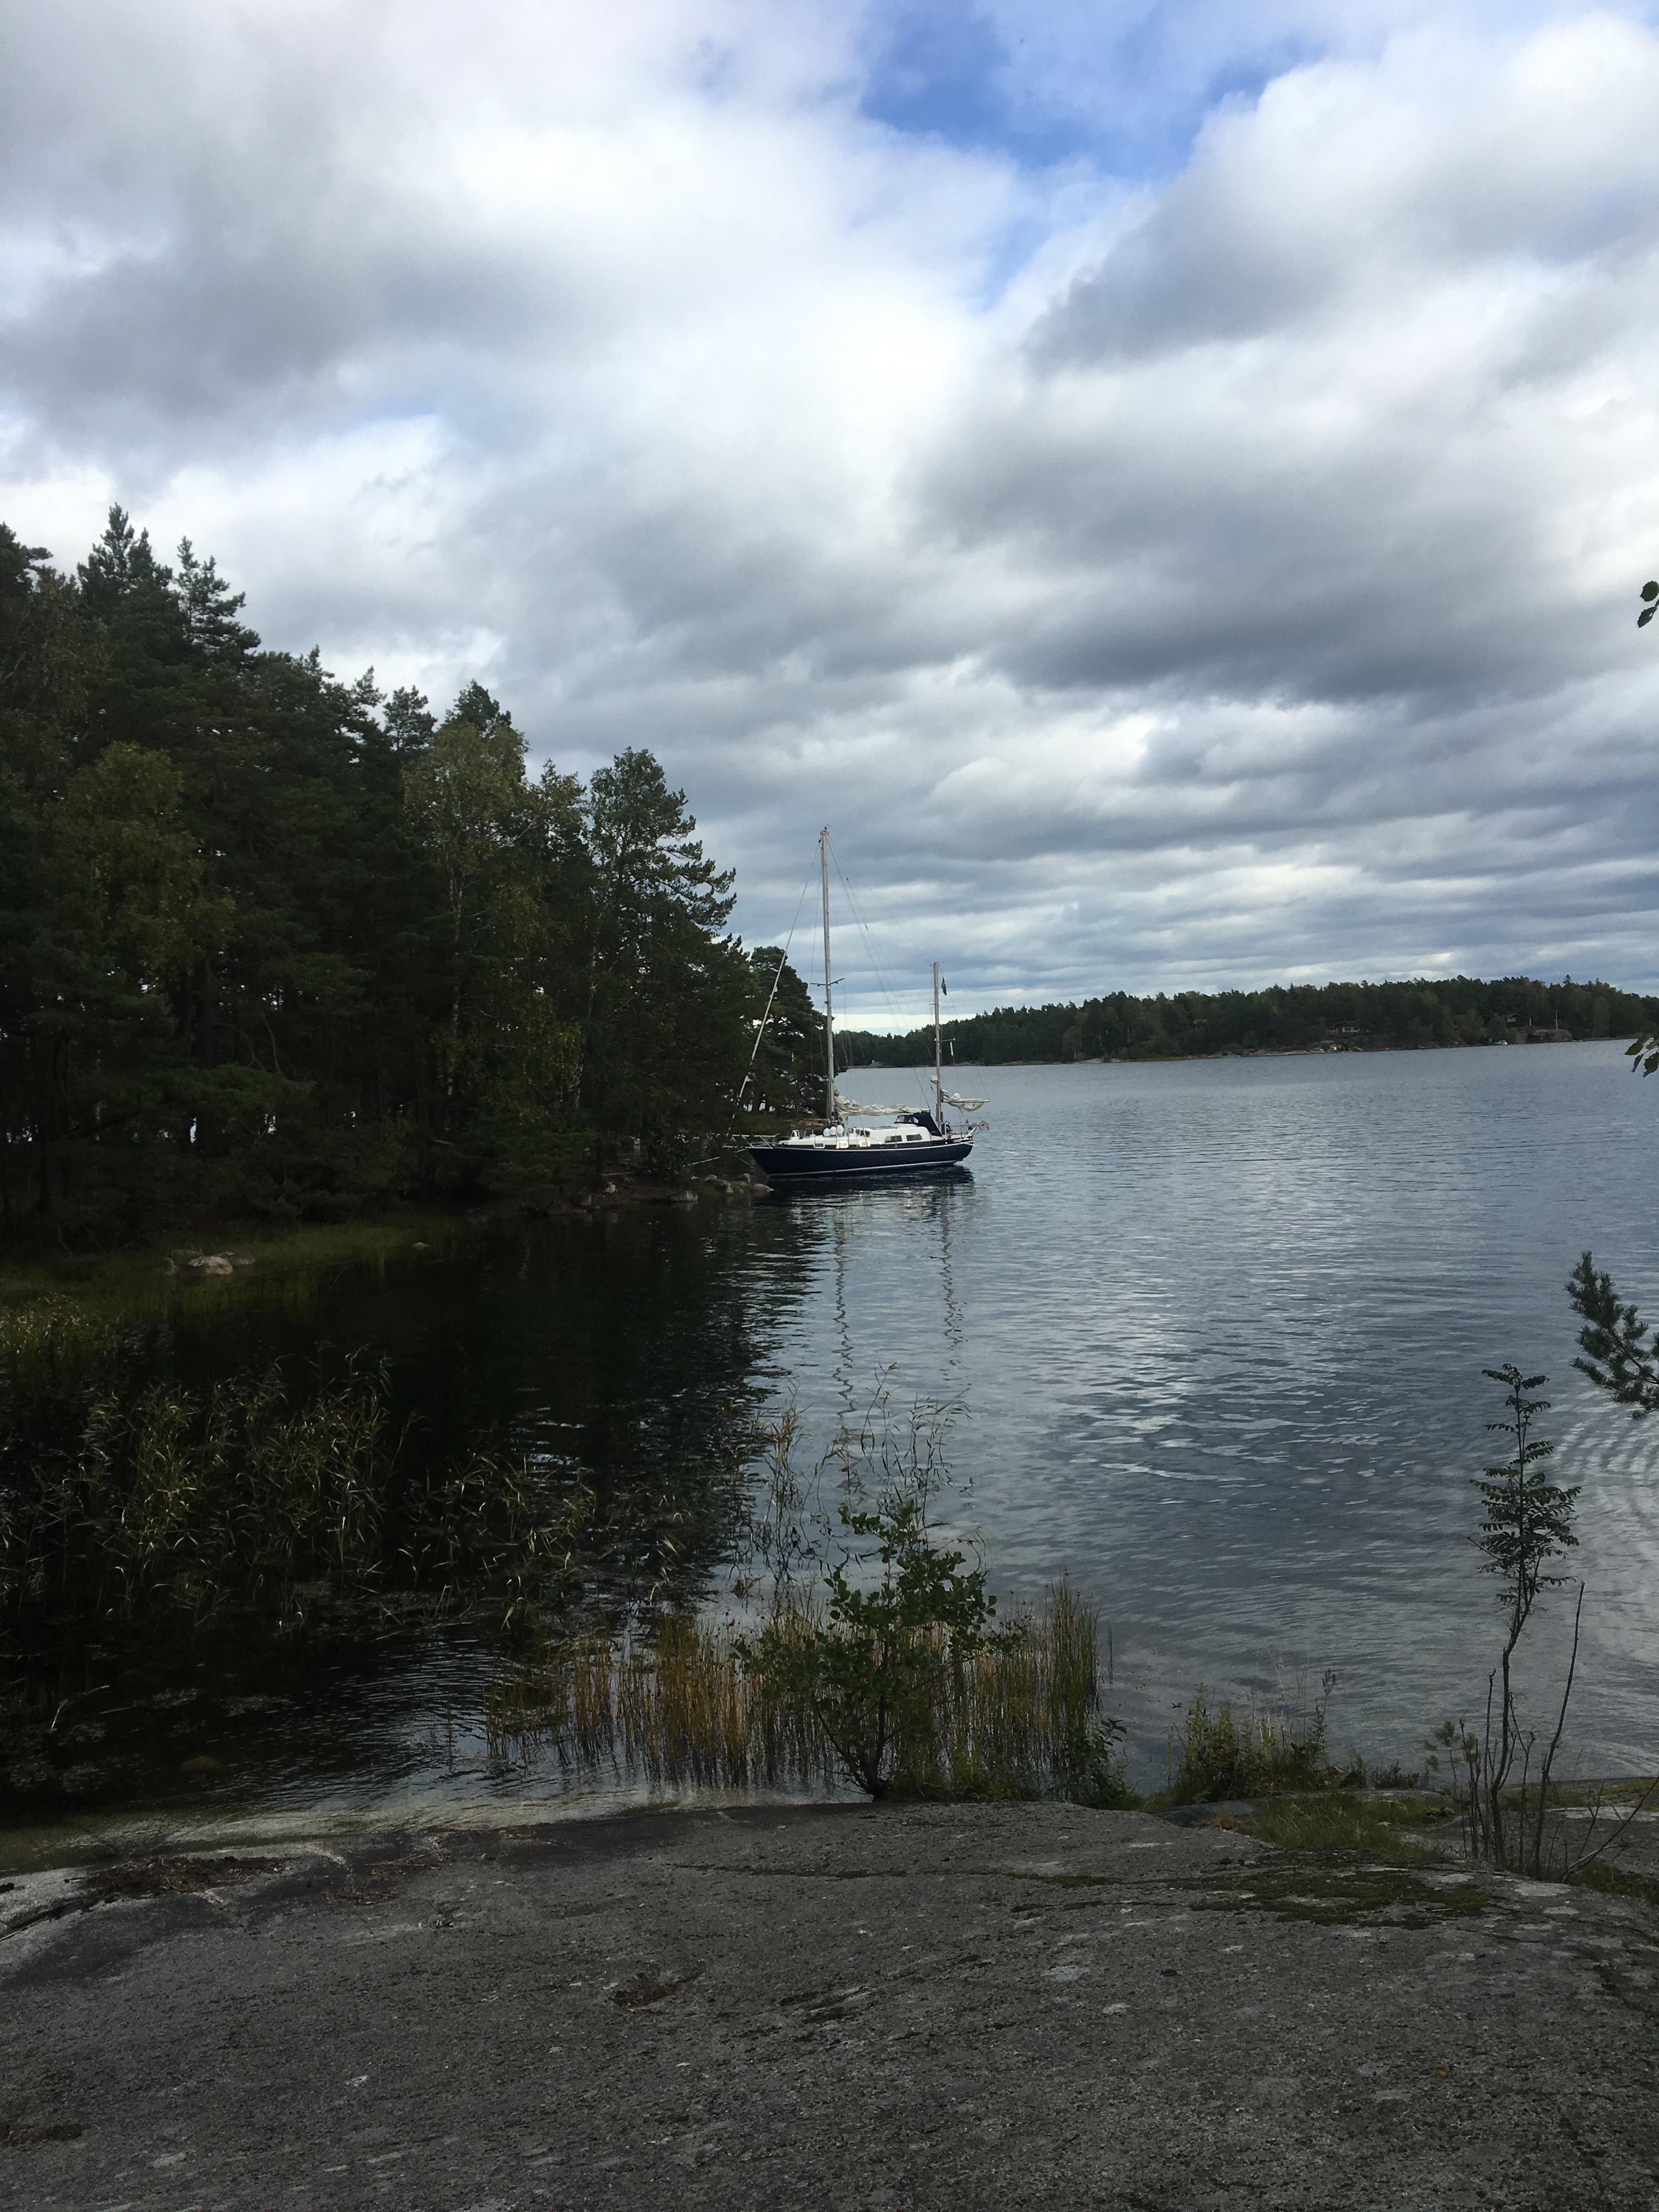 Skomakarviken Lådna Stockholm archipelago